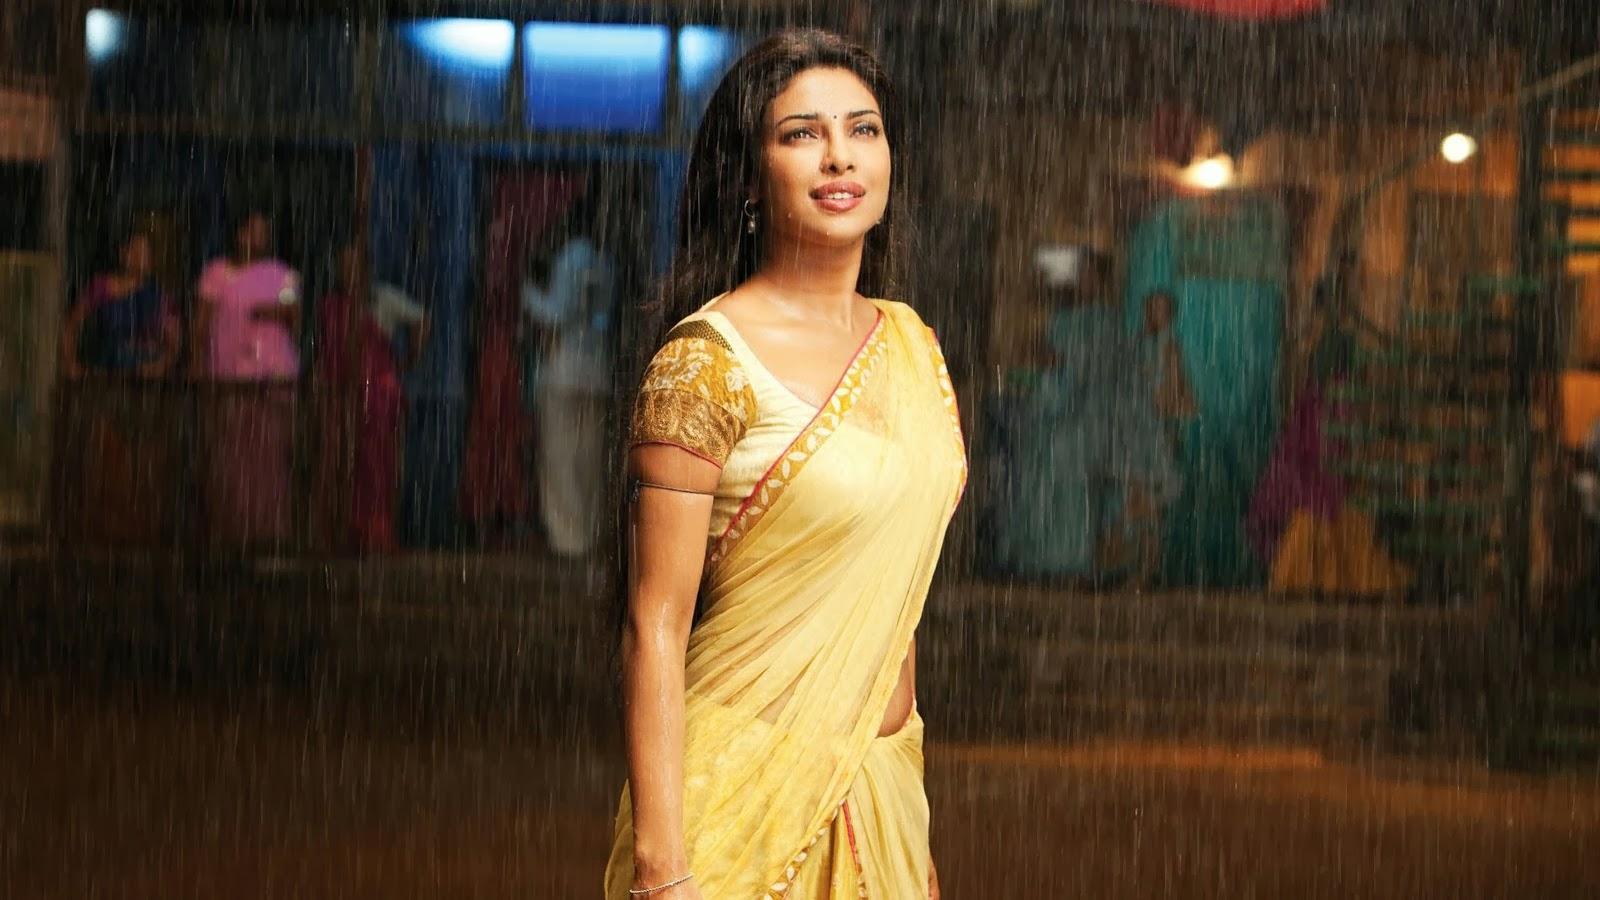 HD Wallpapers and Images of Hot bollywood actress Priyanka Chopra in ...